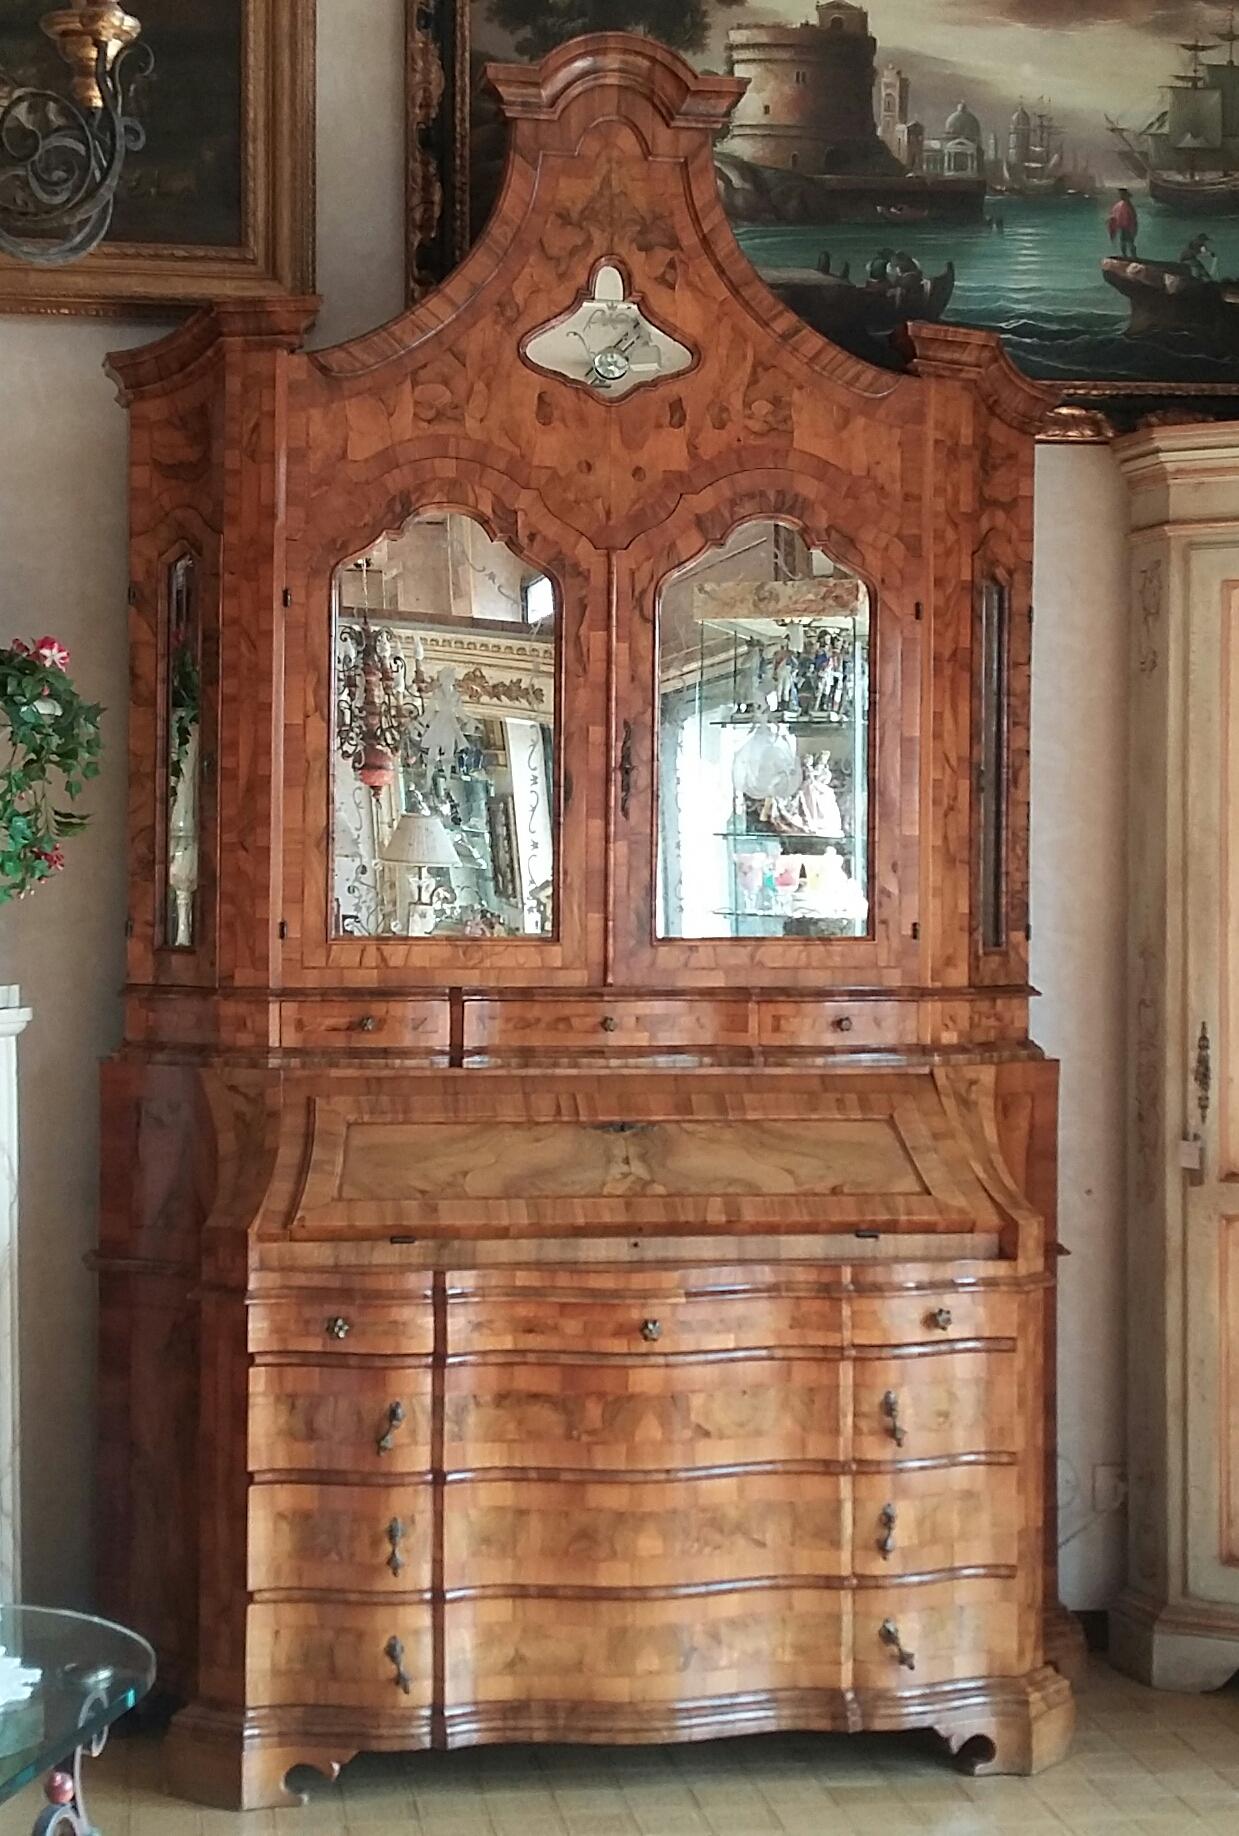 Trumeau in stile lombardo veneto artigianato veneto for Arredamento lombardo